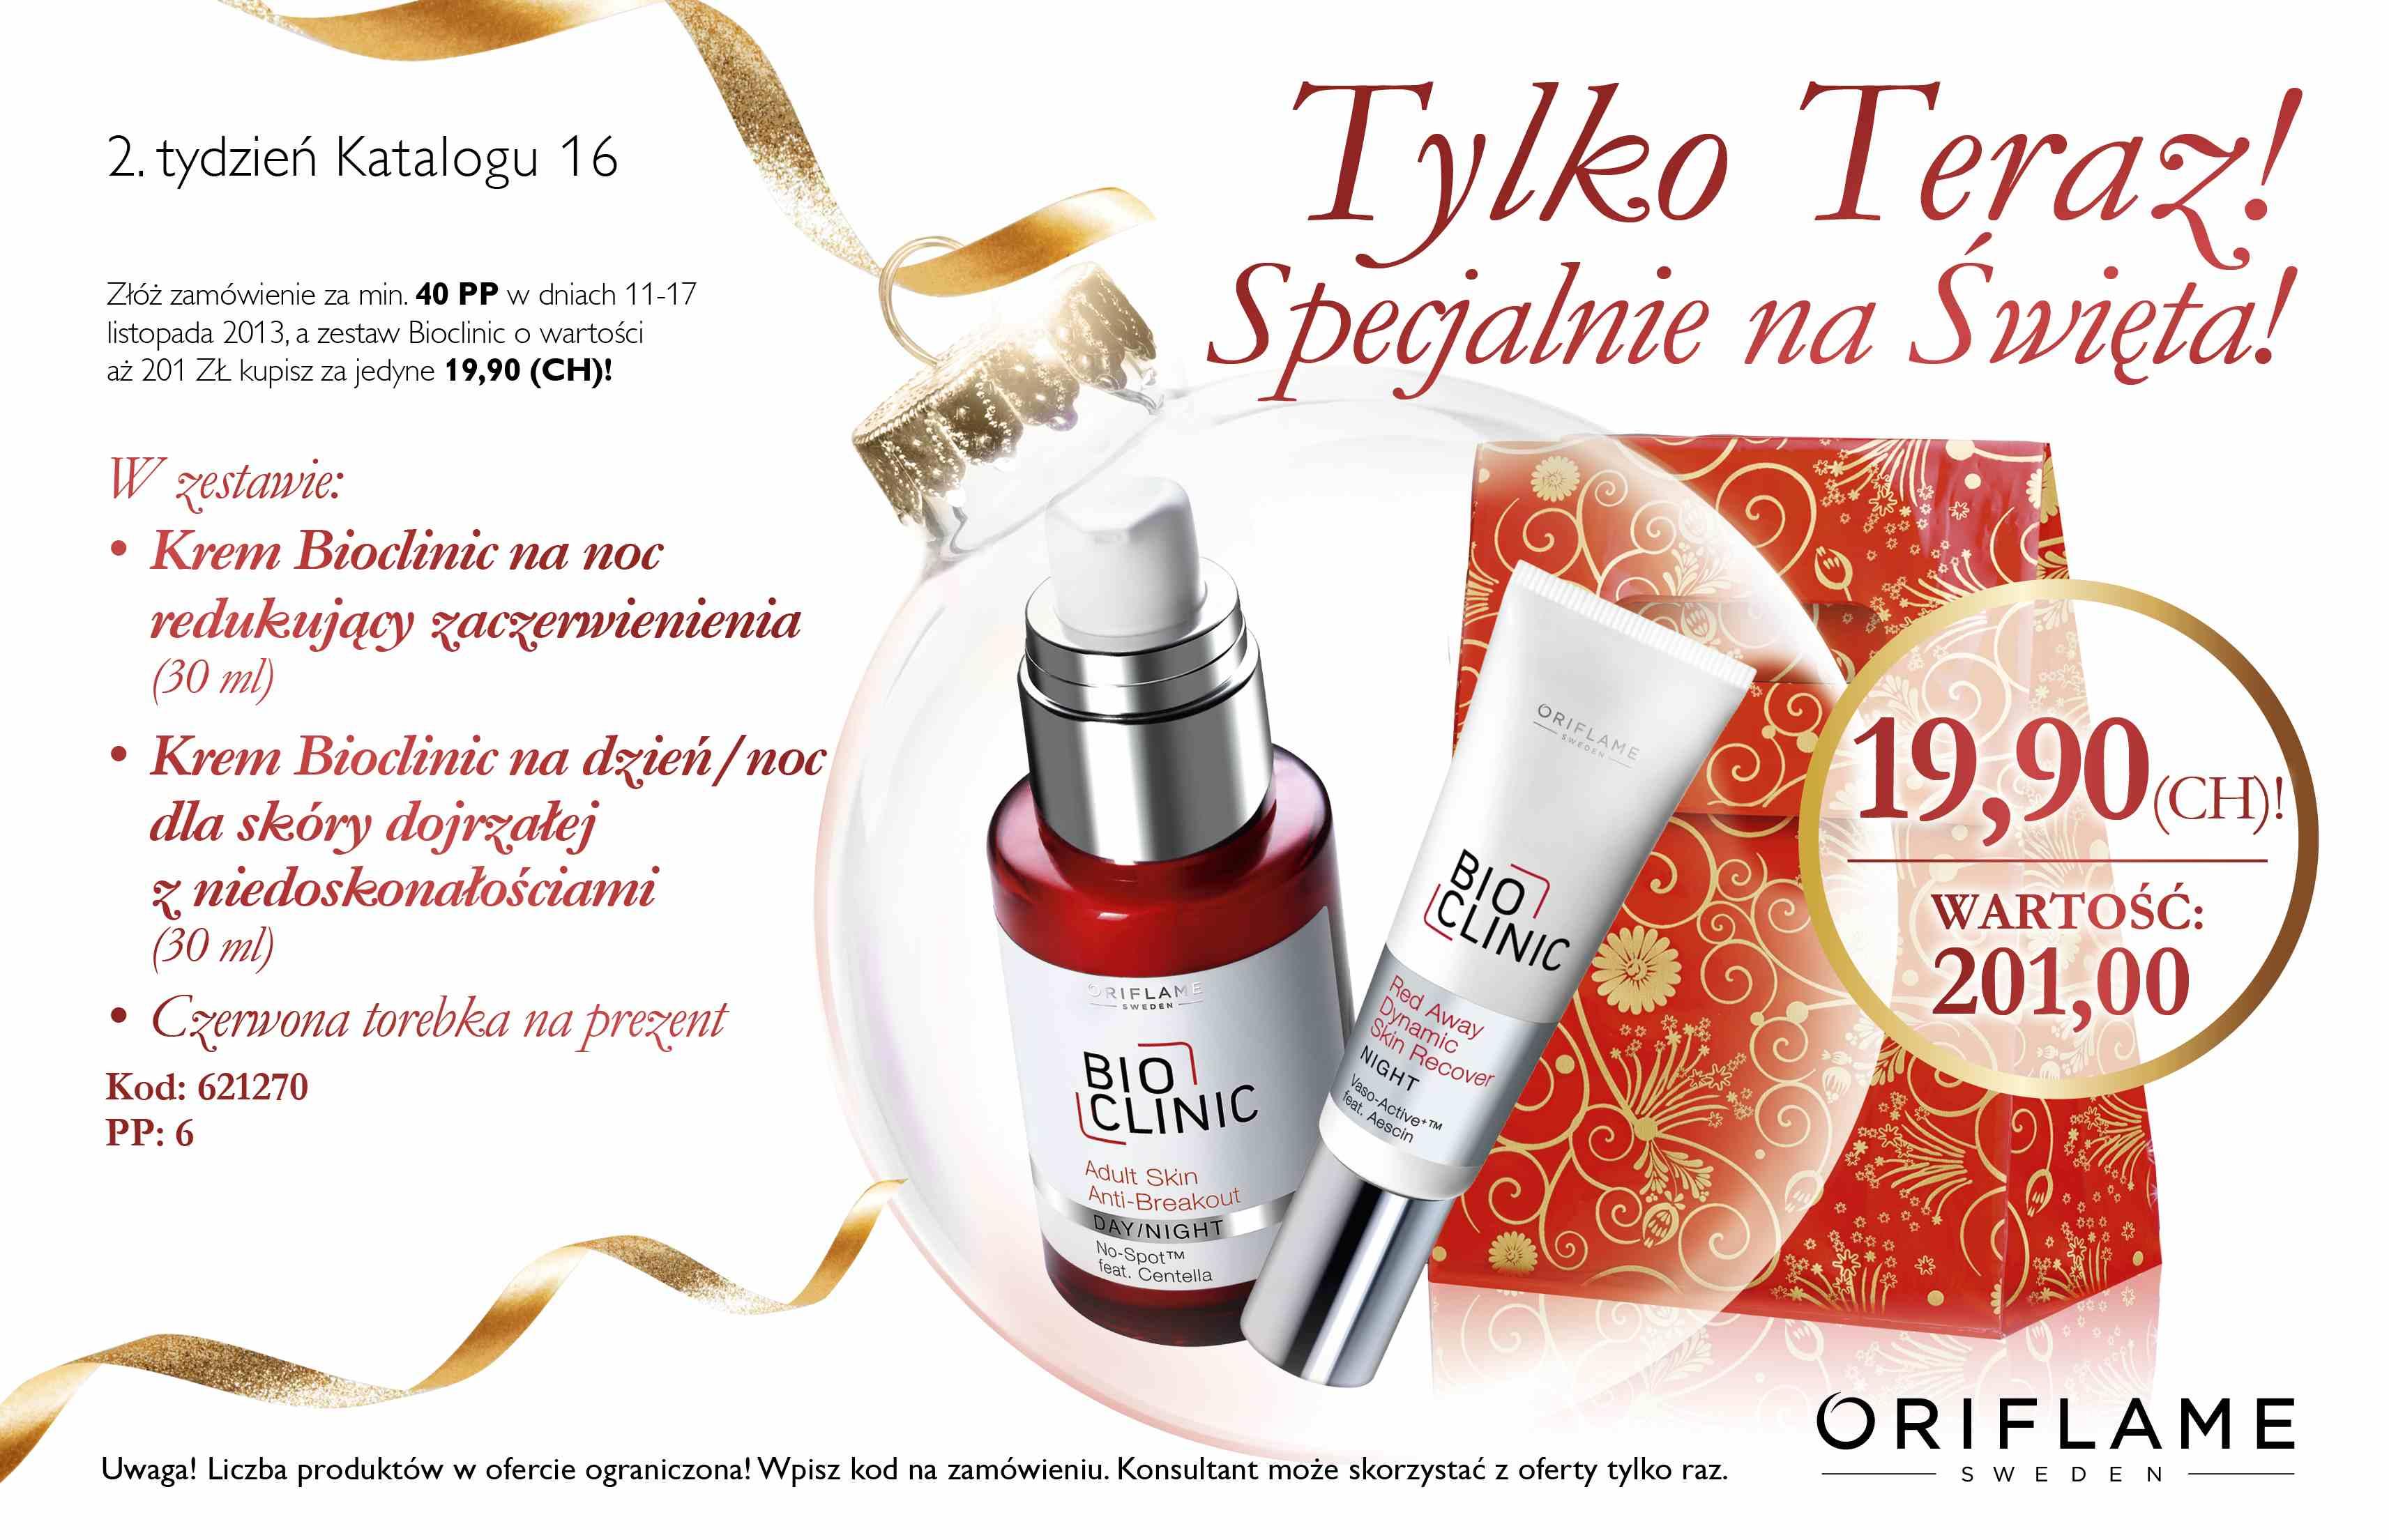 Katalog Oriflame 16 2013 oferta na 2 tydzień